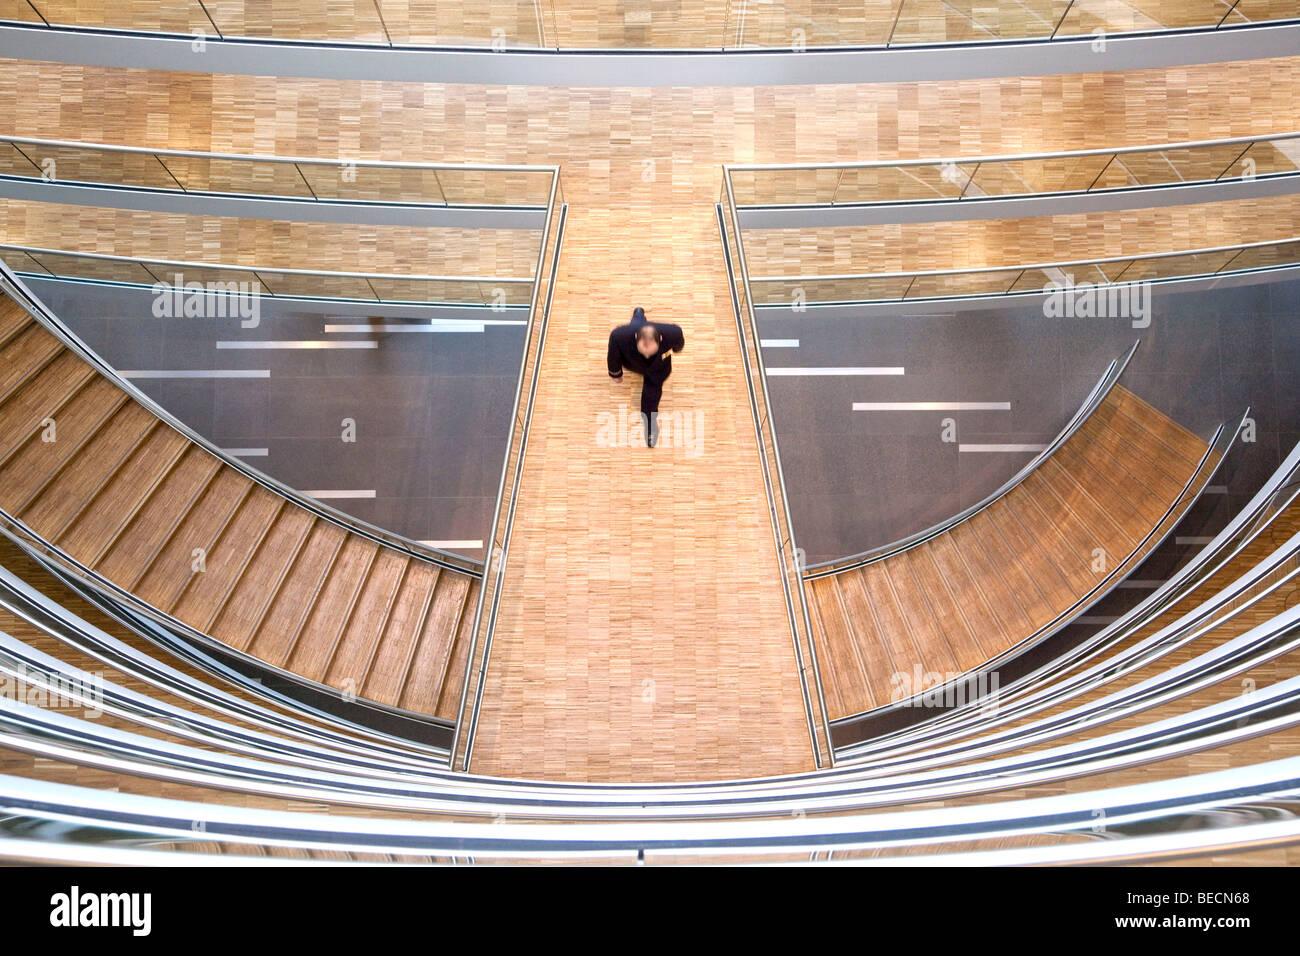 Escalier dans le centre de l'Aviation, Deutsche Lufthansa AG, Frankfurt am Main, Hesse, Germany, Europe Photo Stock